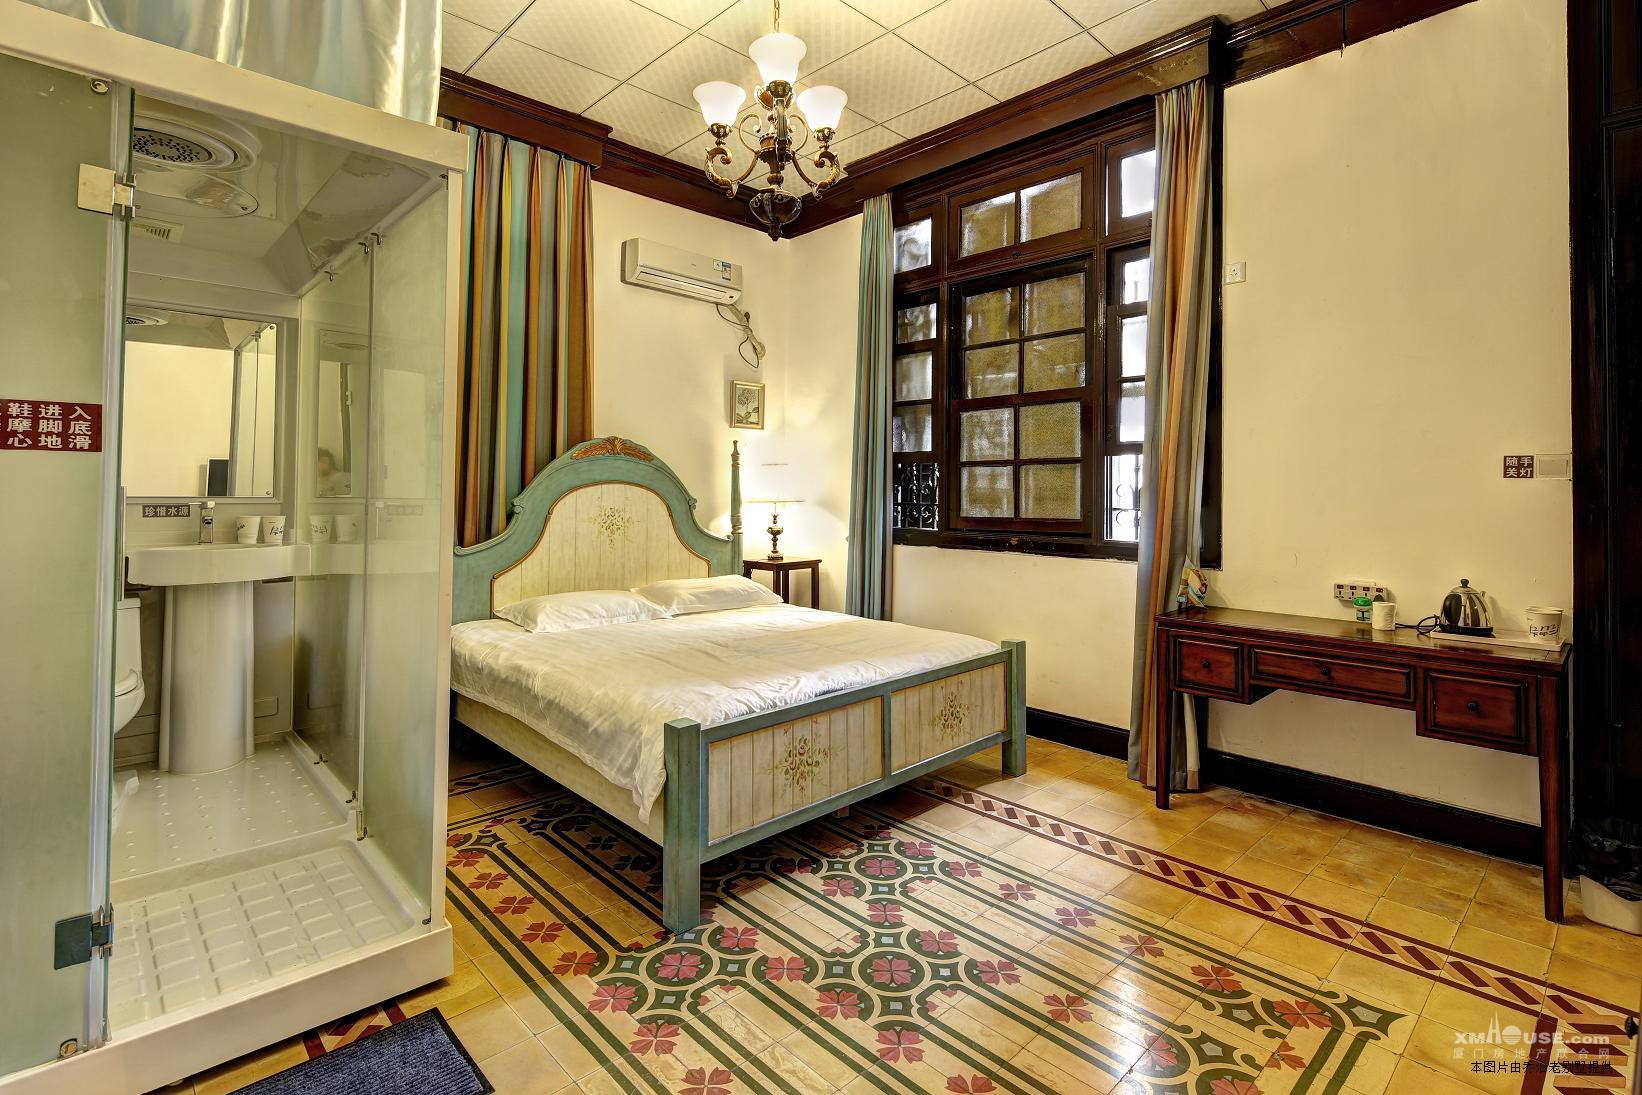 外观欧式建风格,内部民国风格装饰,三层楼17间带独立卫生间卧室,每层